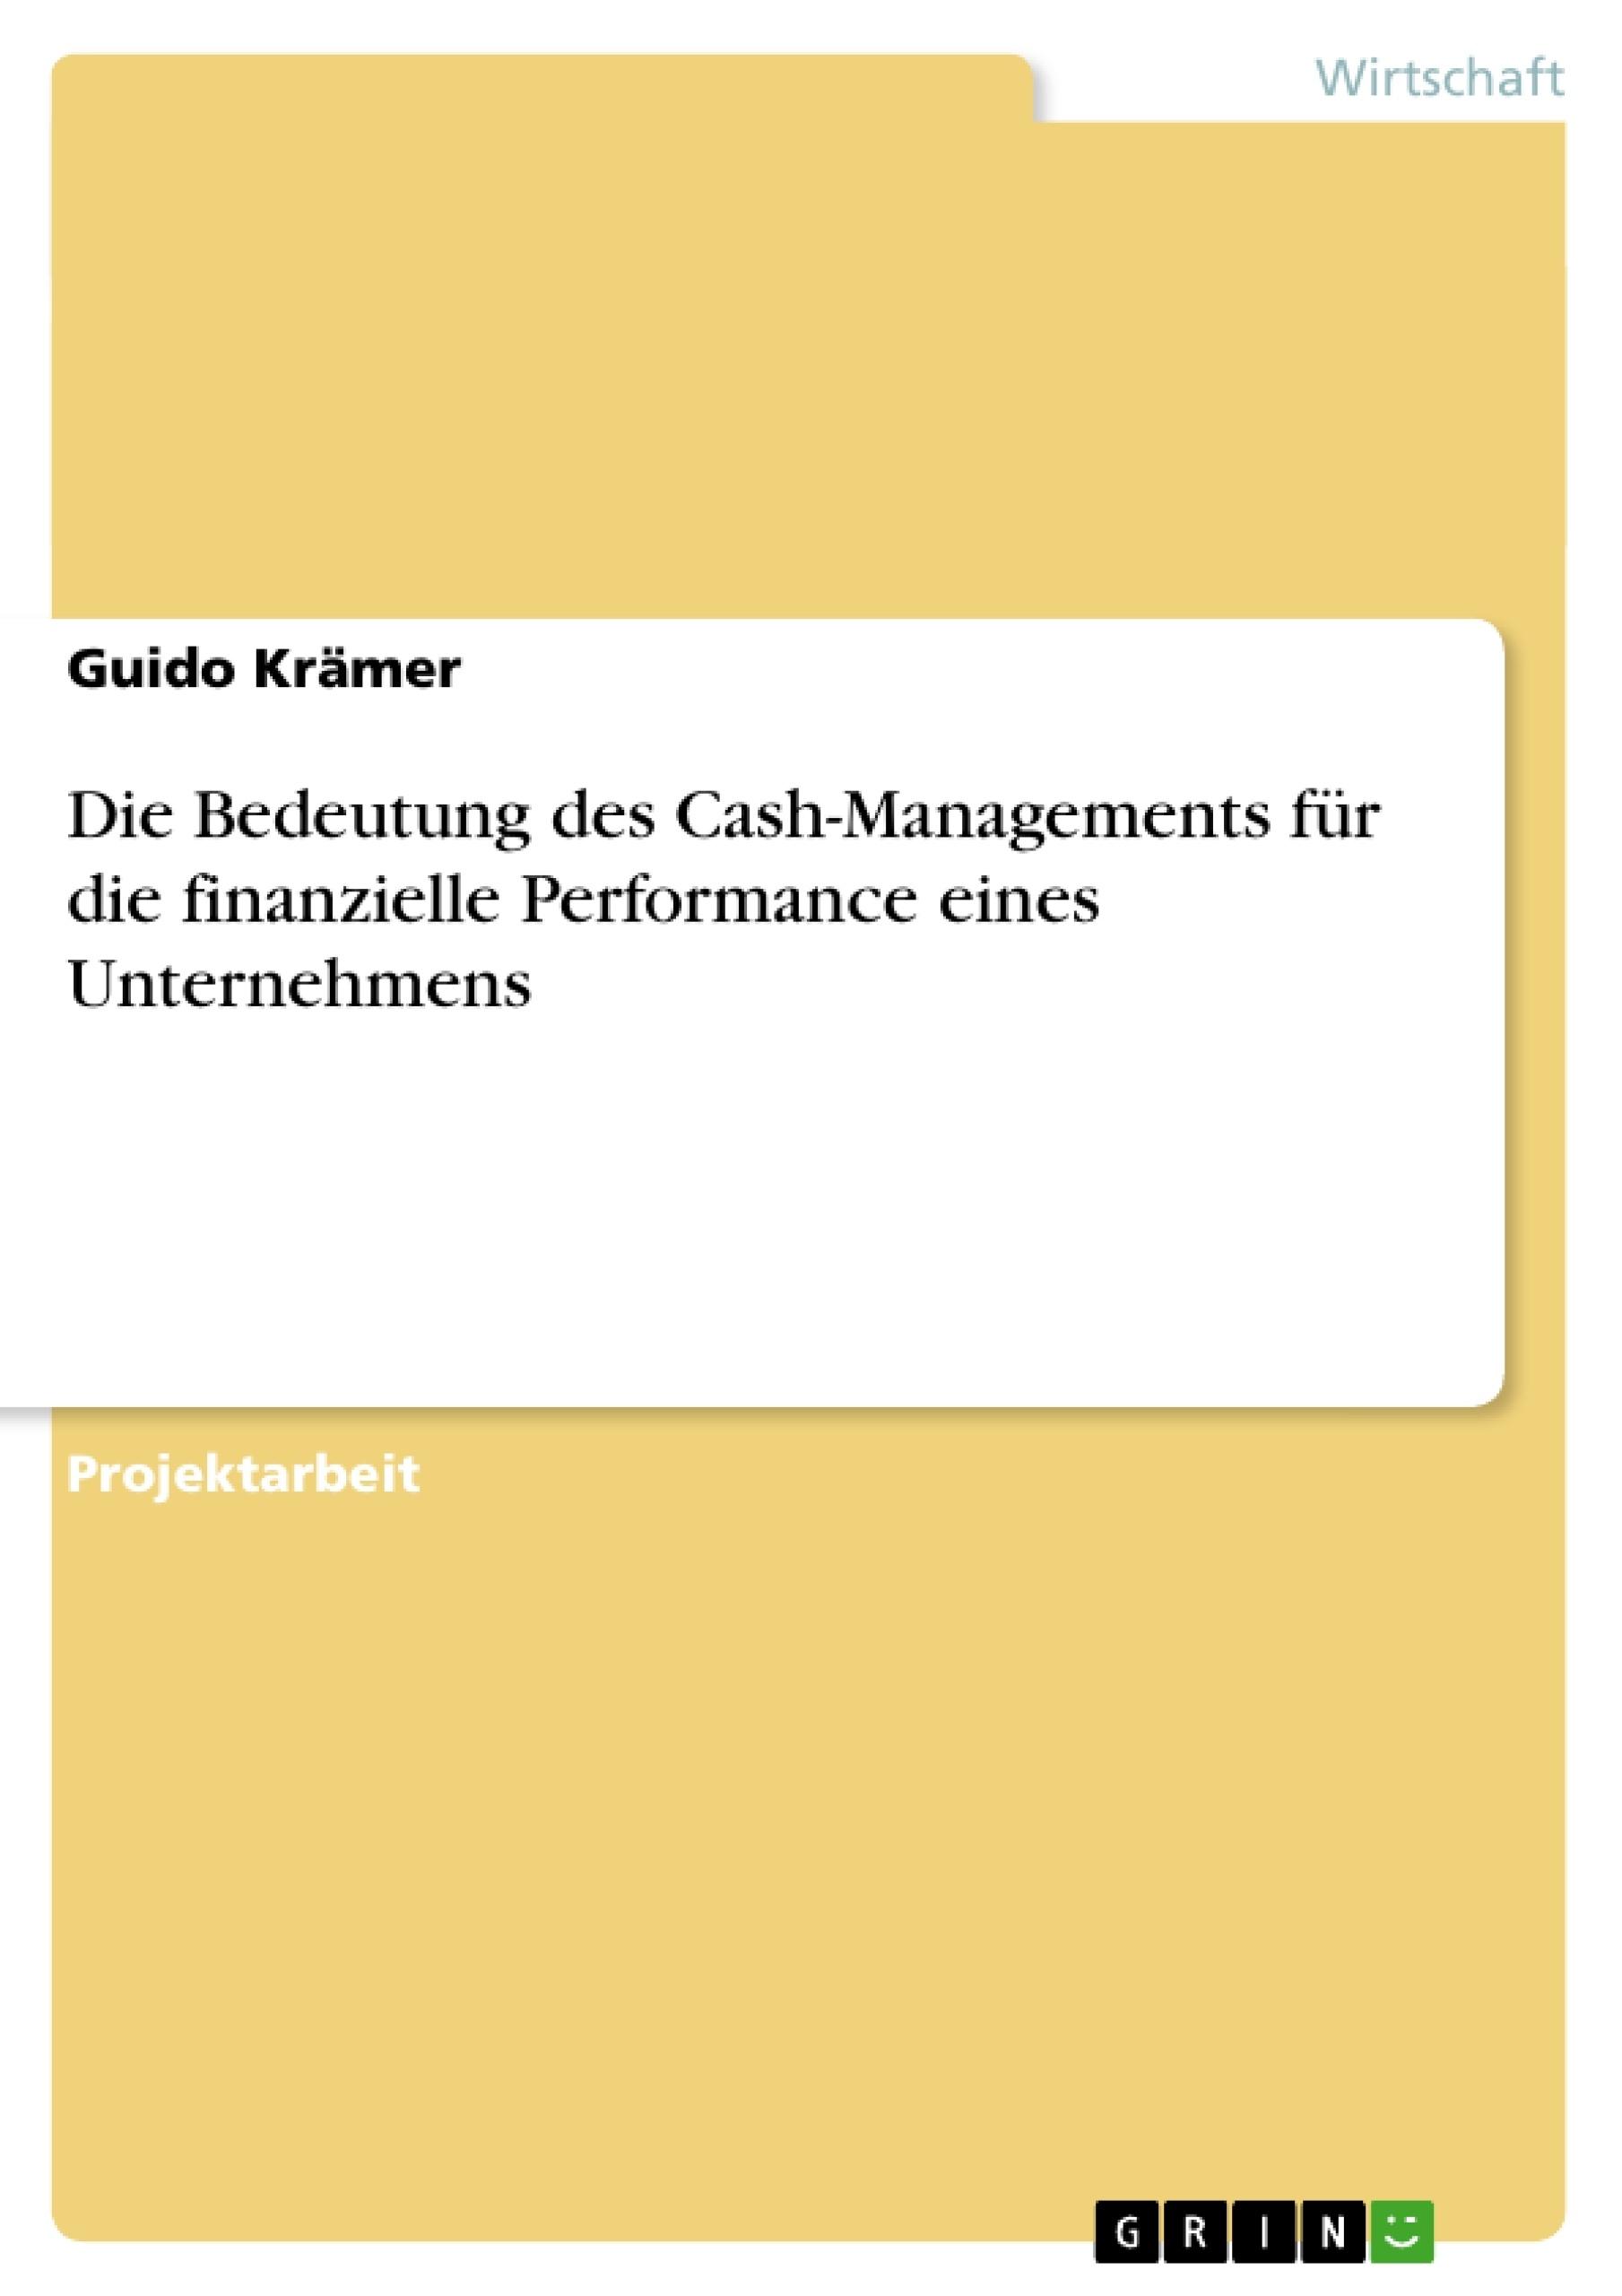 Titel: Die Bedeutung des Cash-Managements für die finanzielle Performance eines Unternehmens